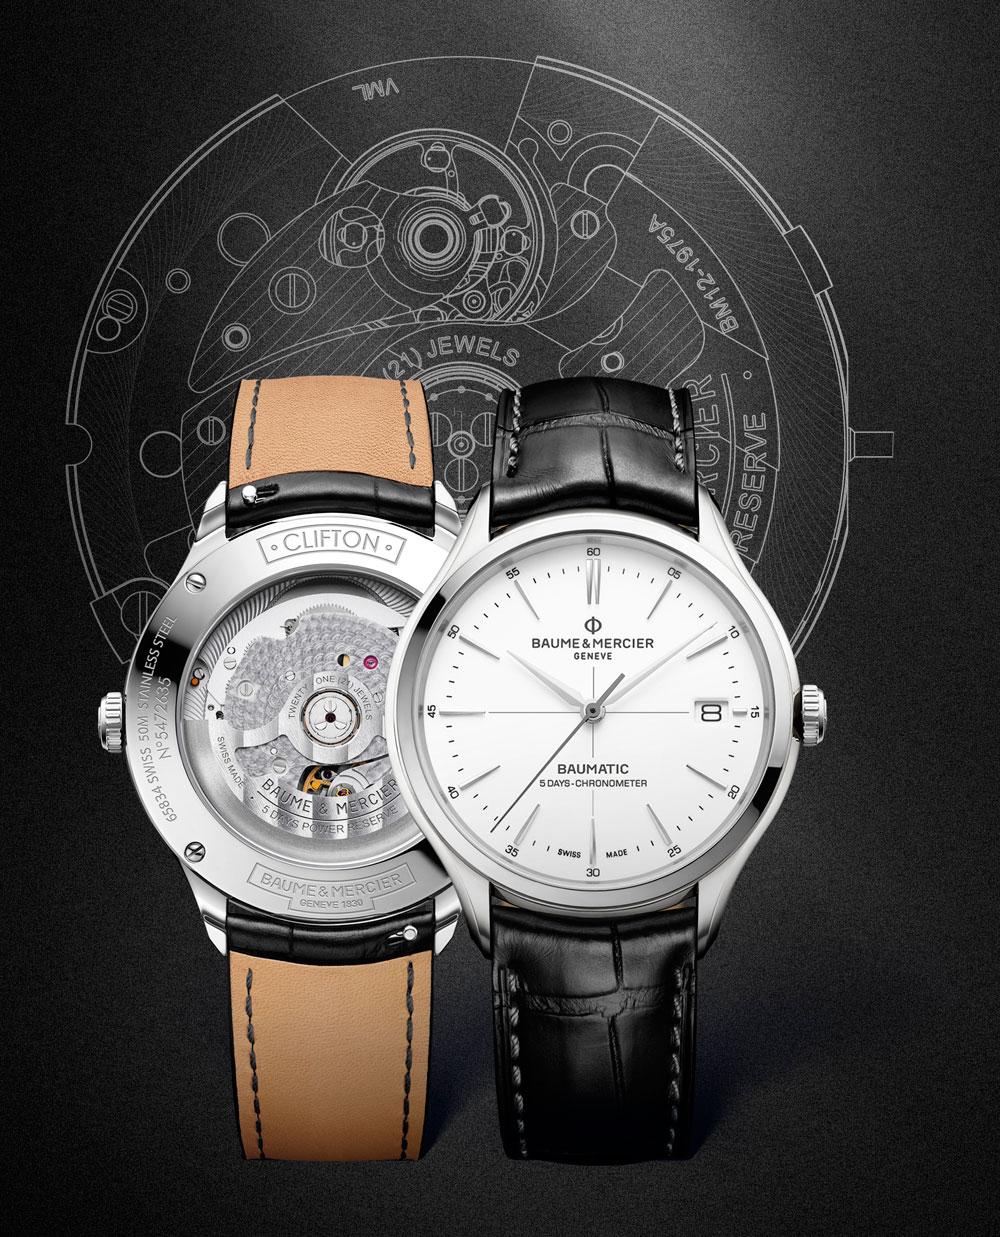 Nuevo reloj Clifton Baumatic de Baume & Mercier